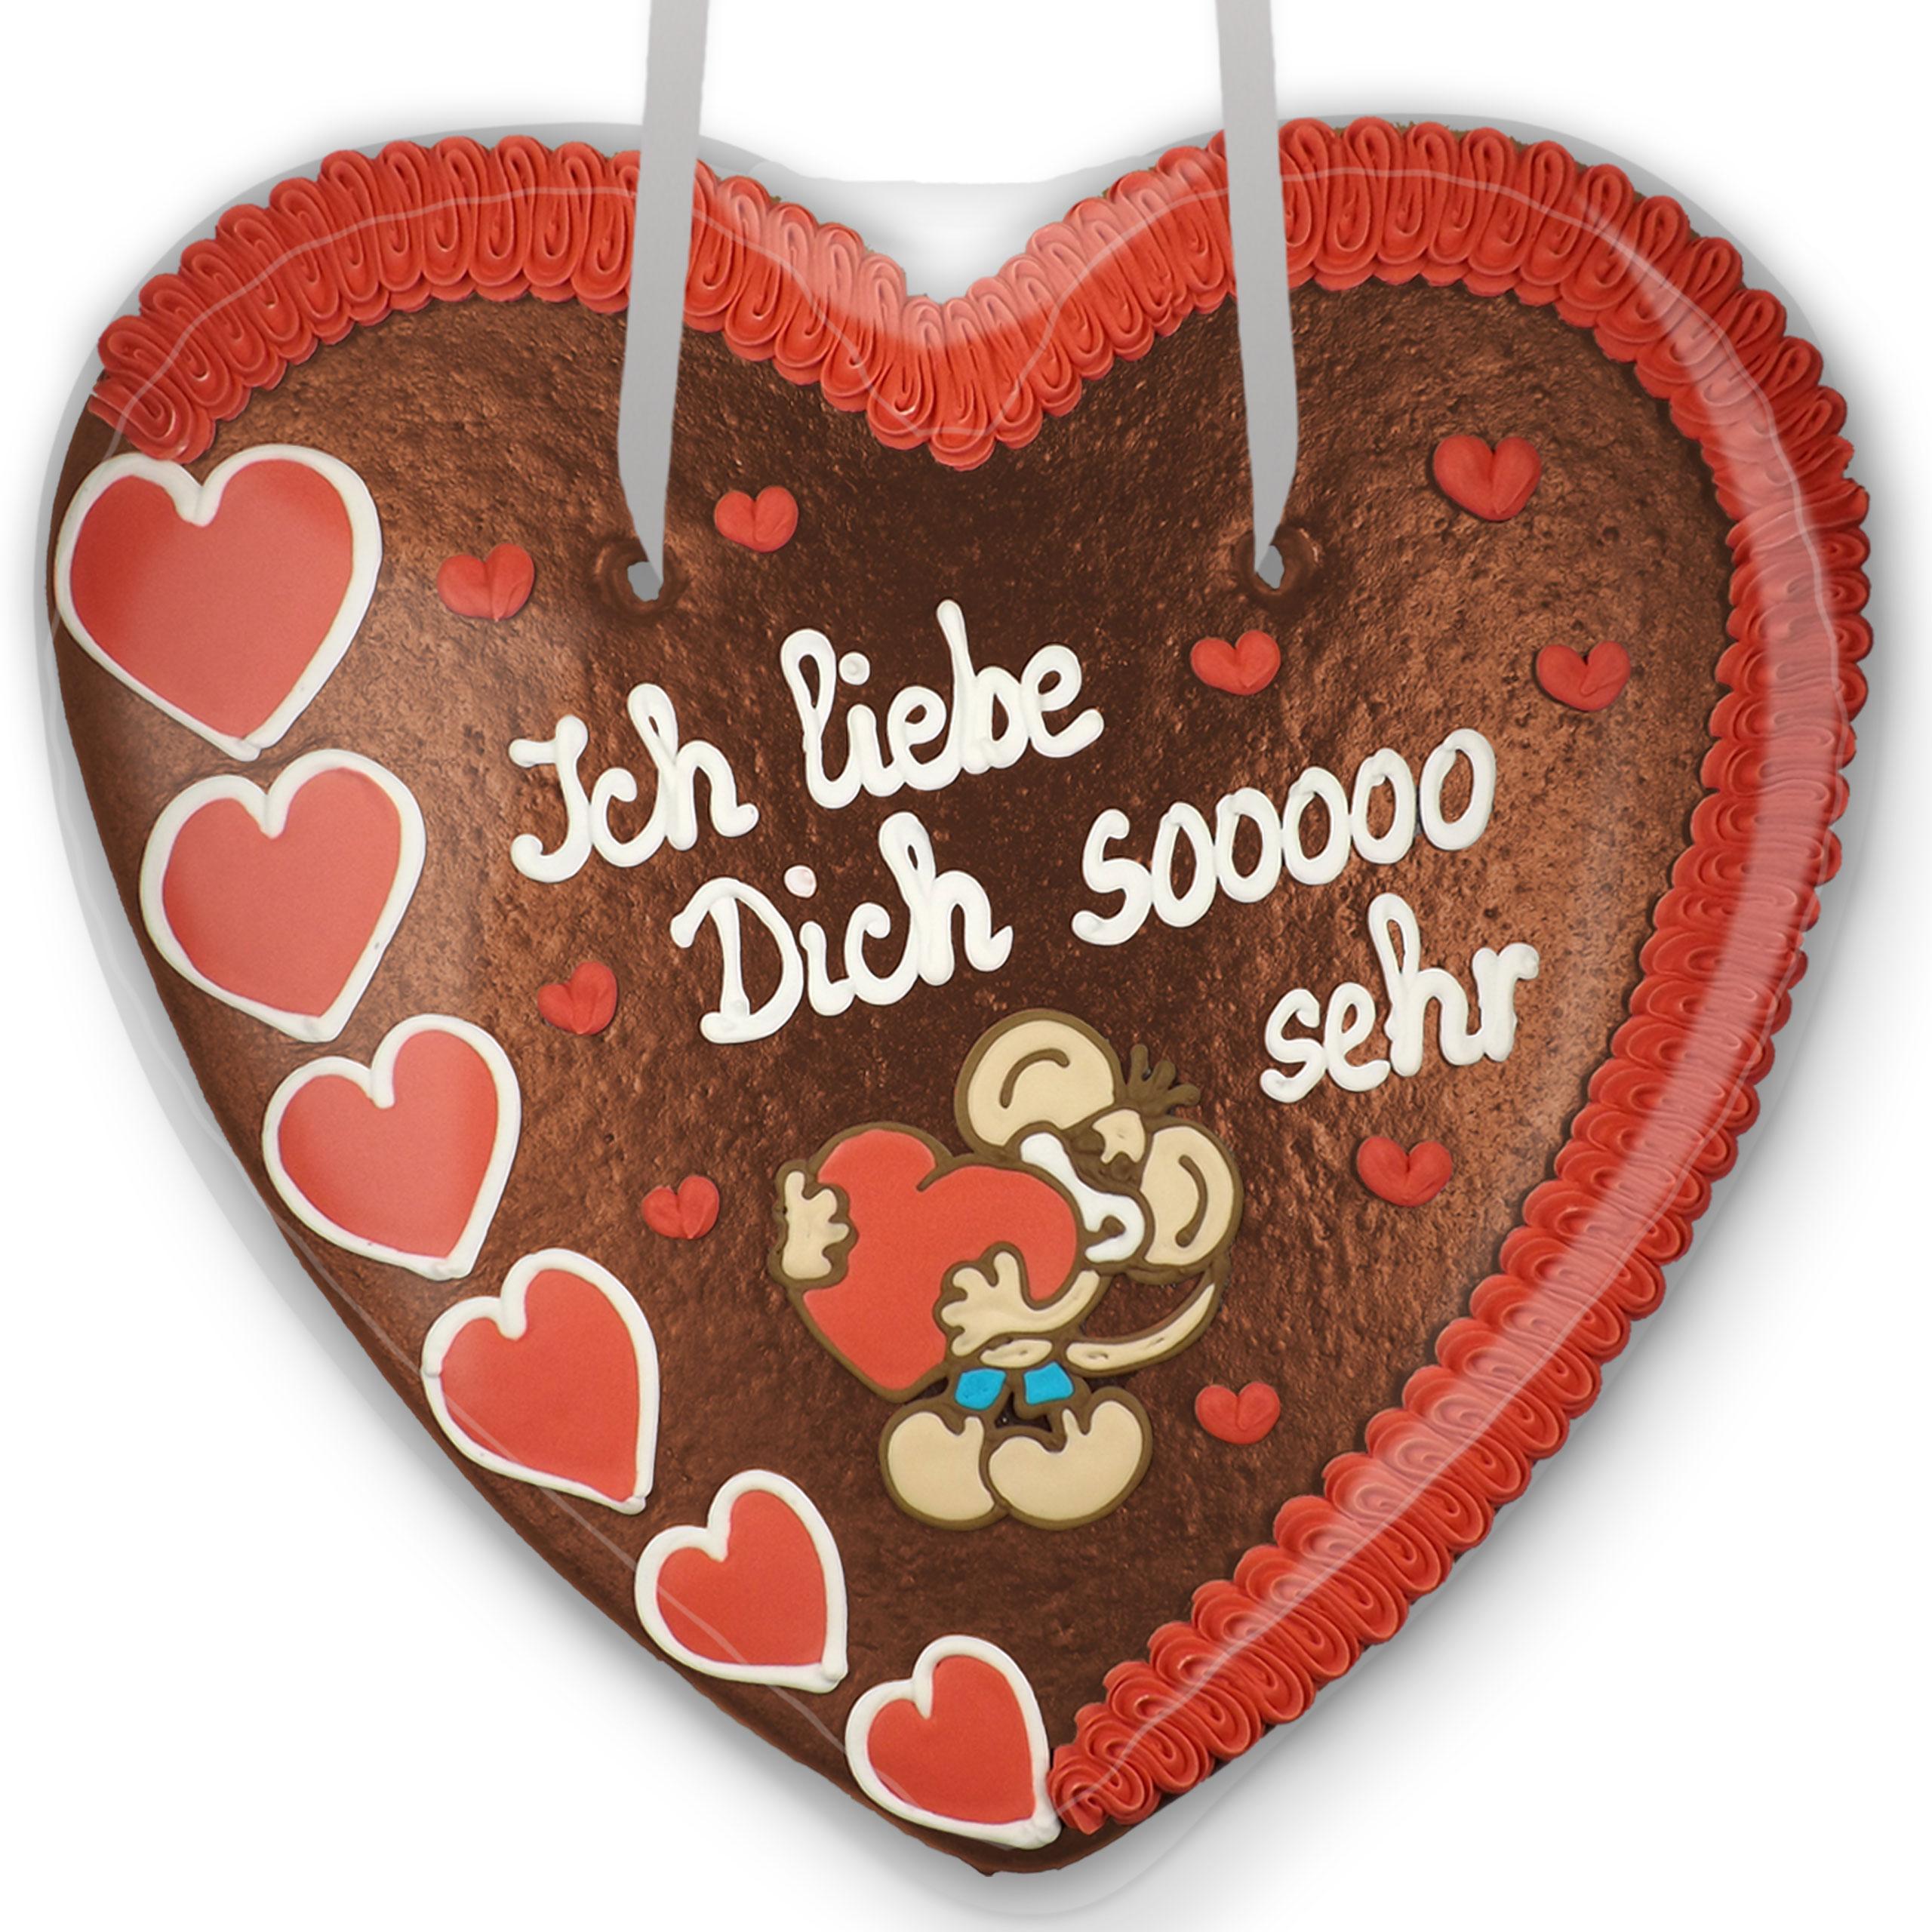 Ich Liebe Dich Sooooo Sehr - Xxl Lebkuchenherz 50Cm bei Ich Liebe Dich Bilder